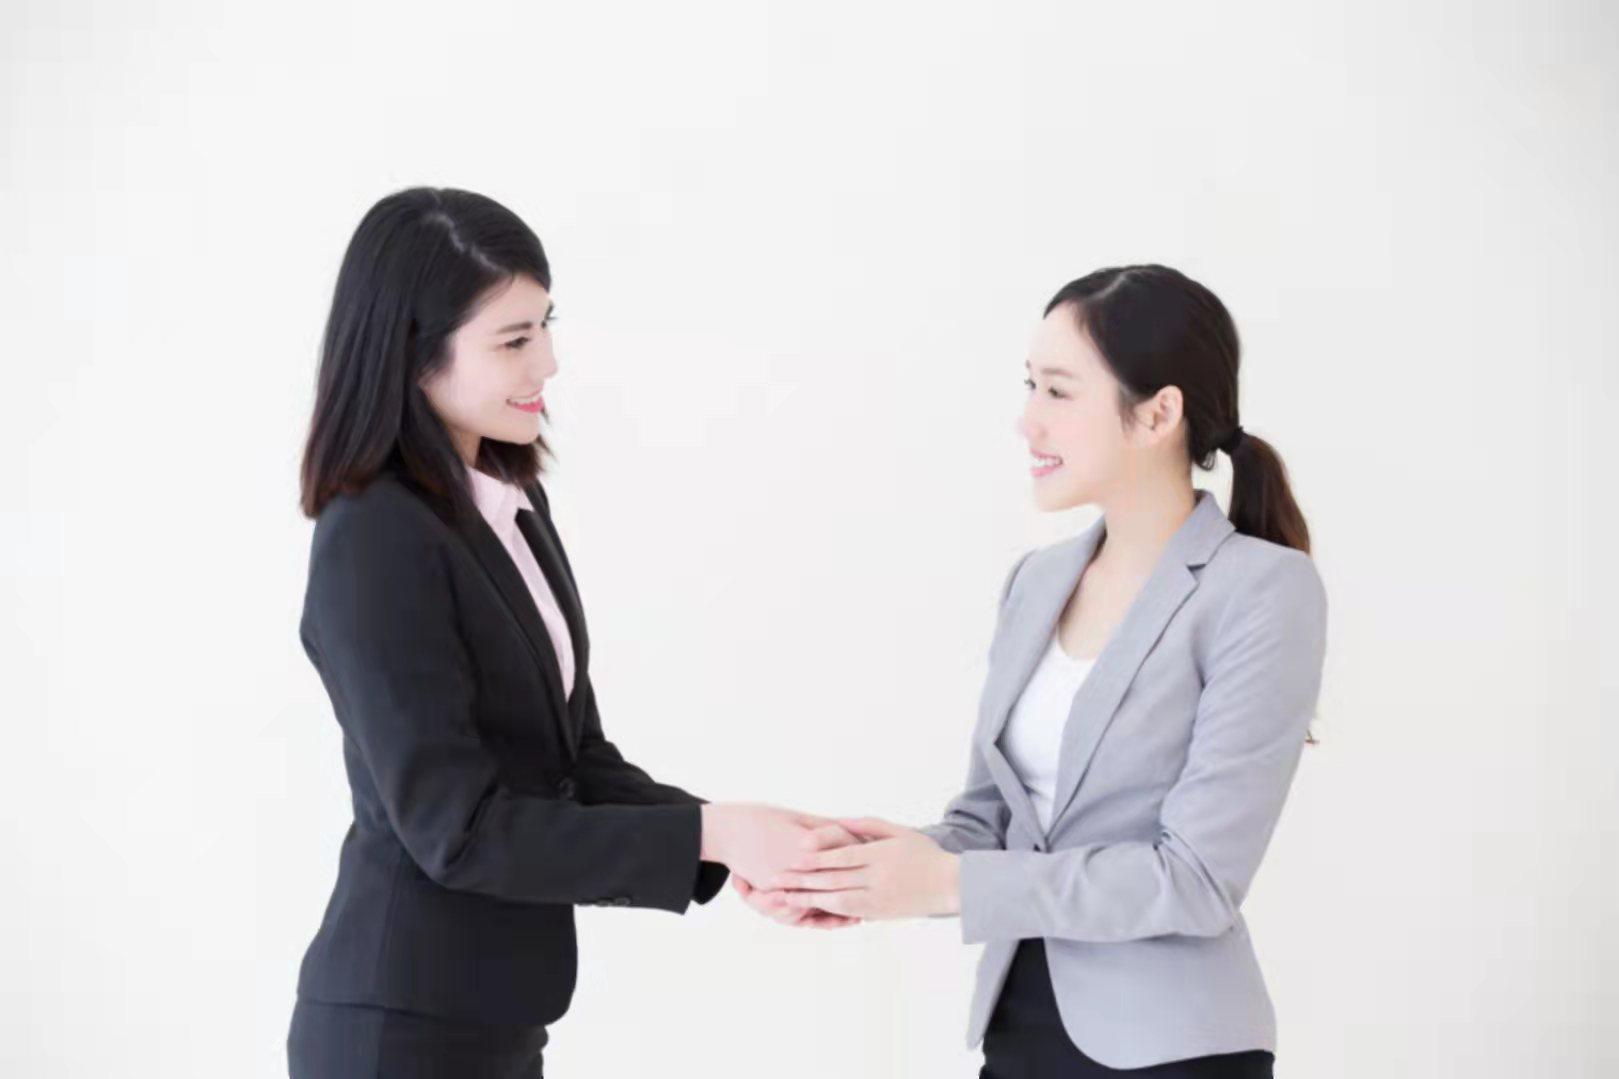 商务英语培训机构哪家好?